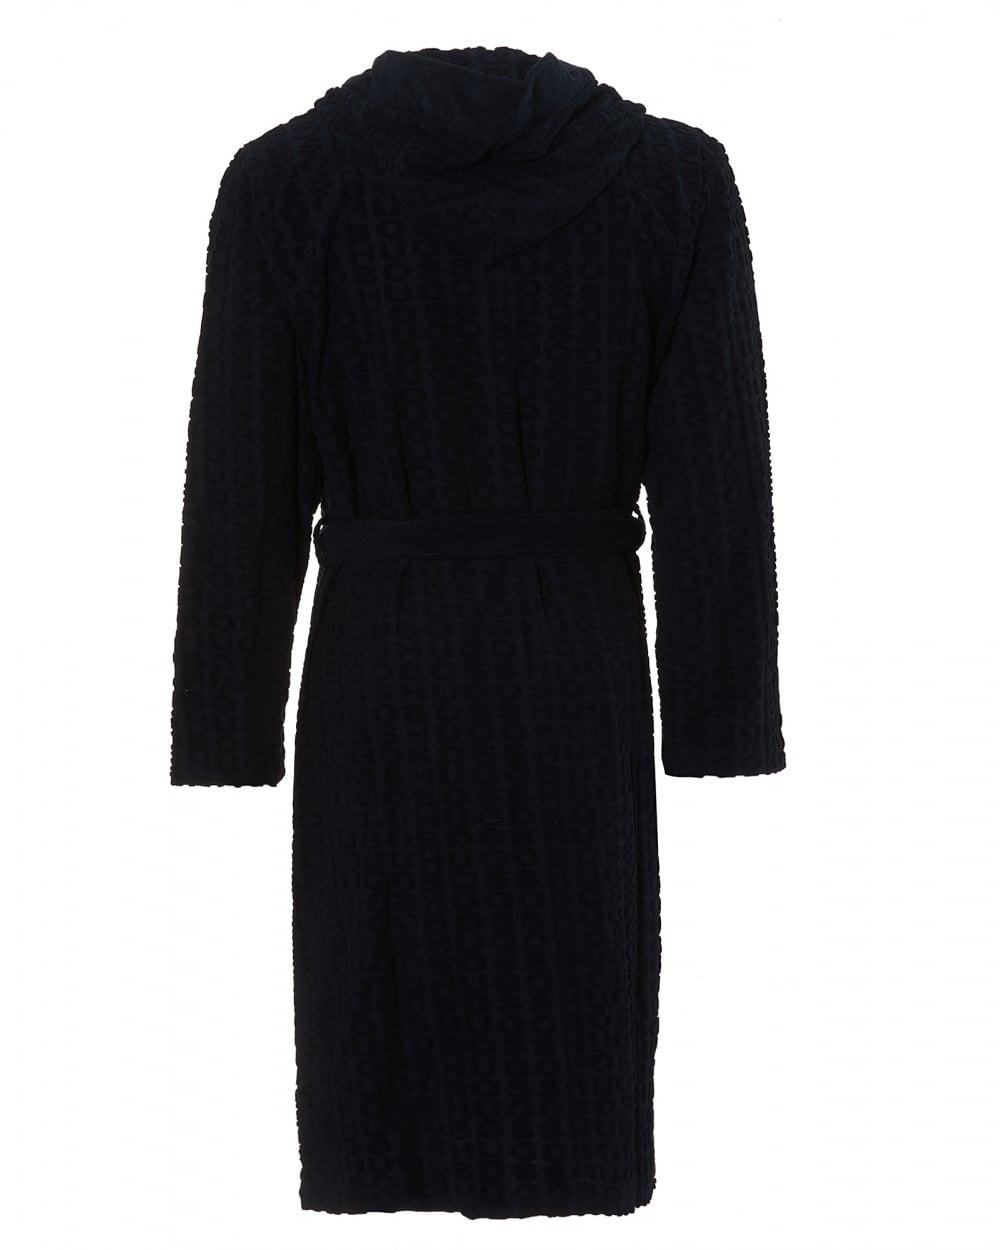 Hugo Boss Black Mens Hooded Robe, Cotton Blend Navy Blue Dressing Gown